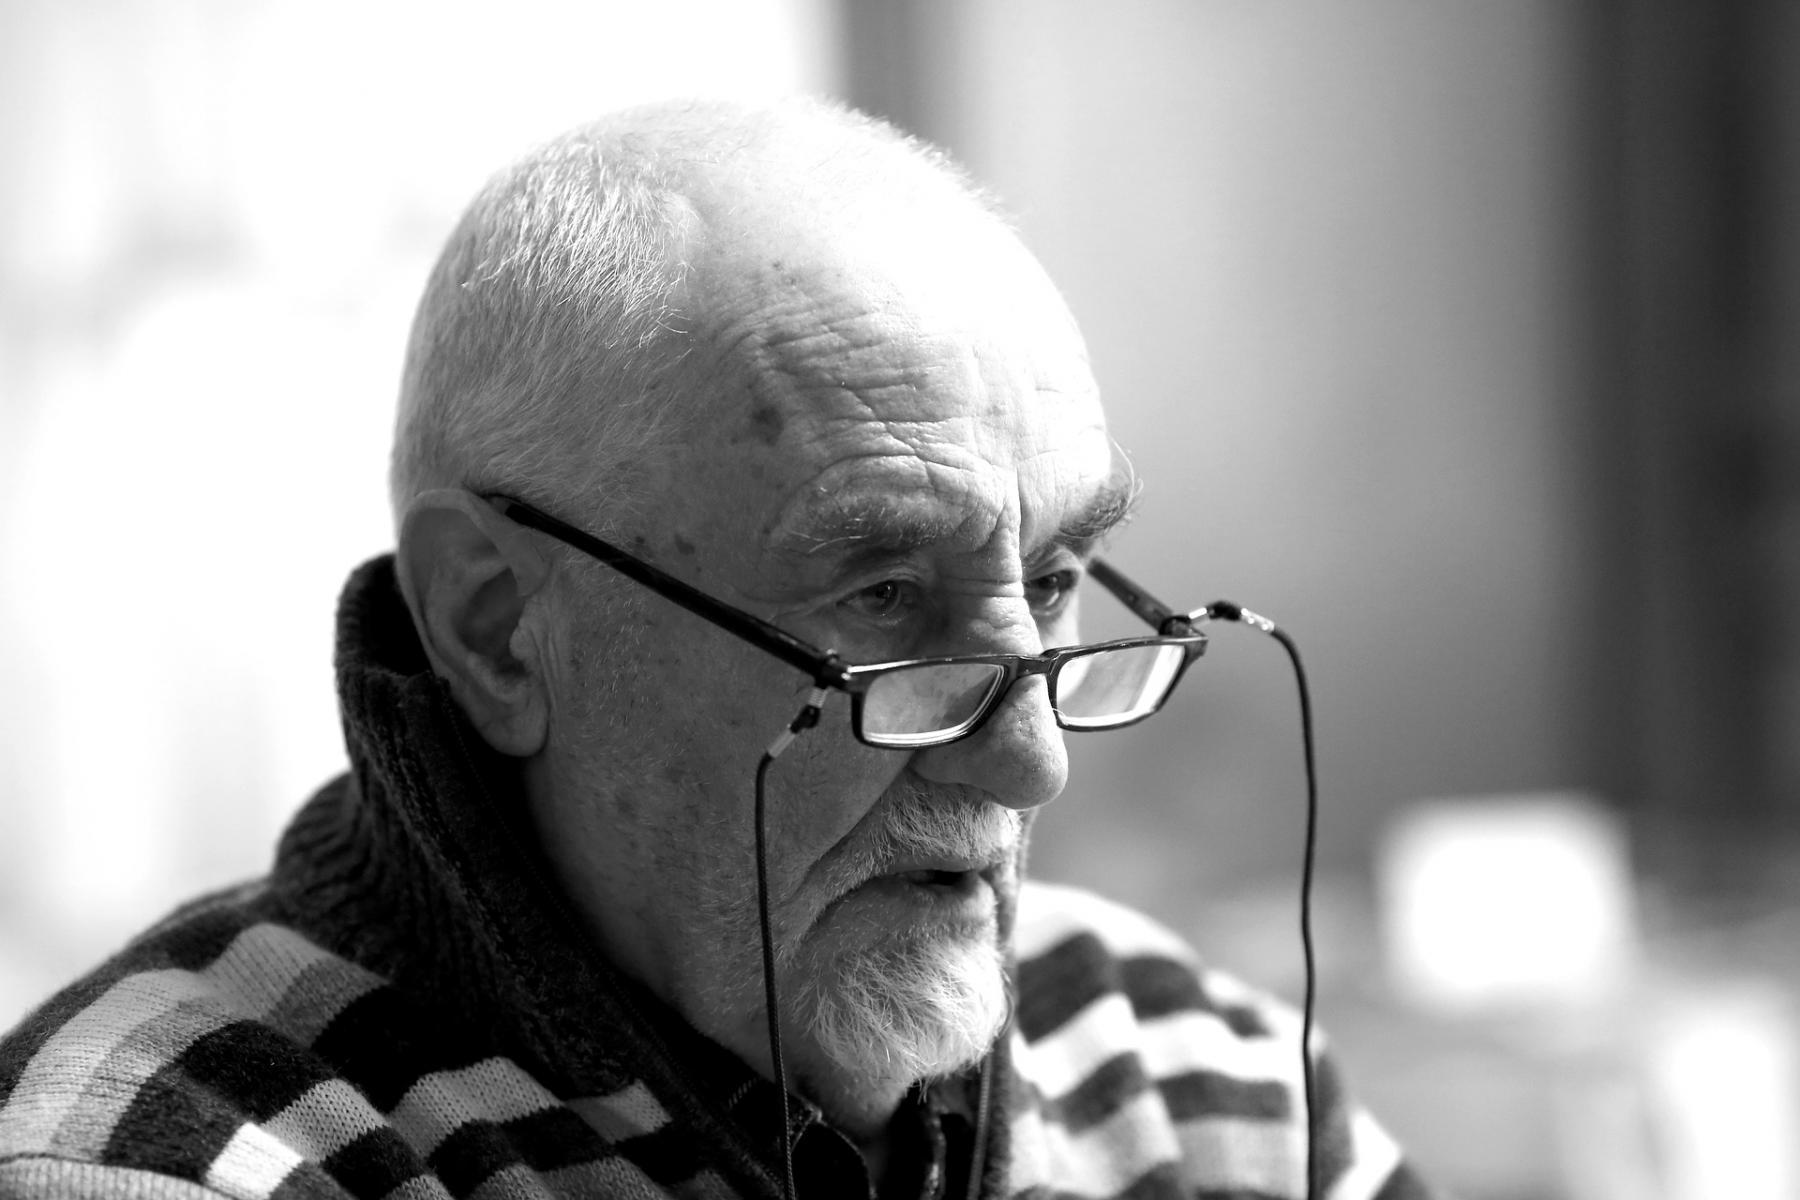 фото Вспышка коронавируса в доме престарелых: возбуждено уголовное дело 2